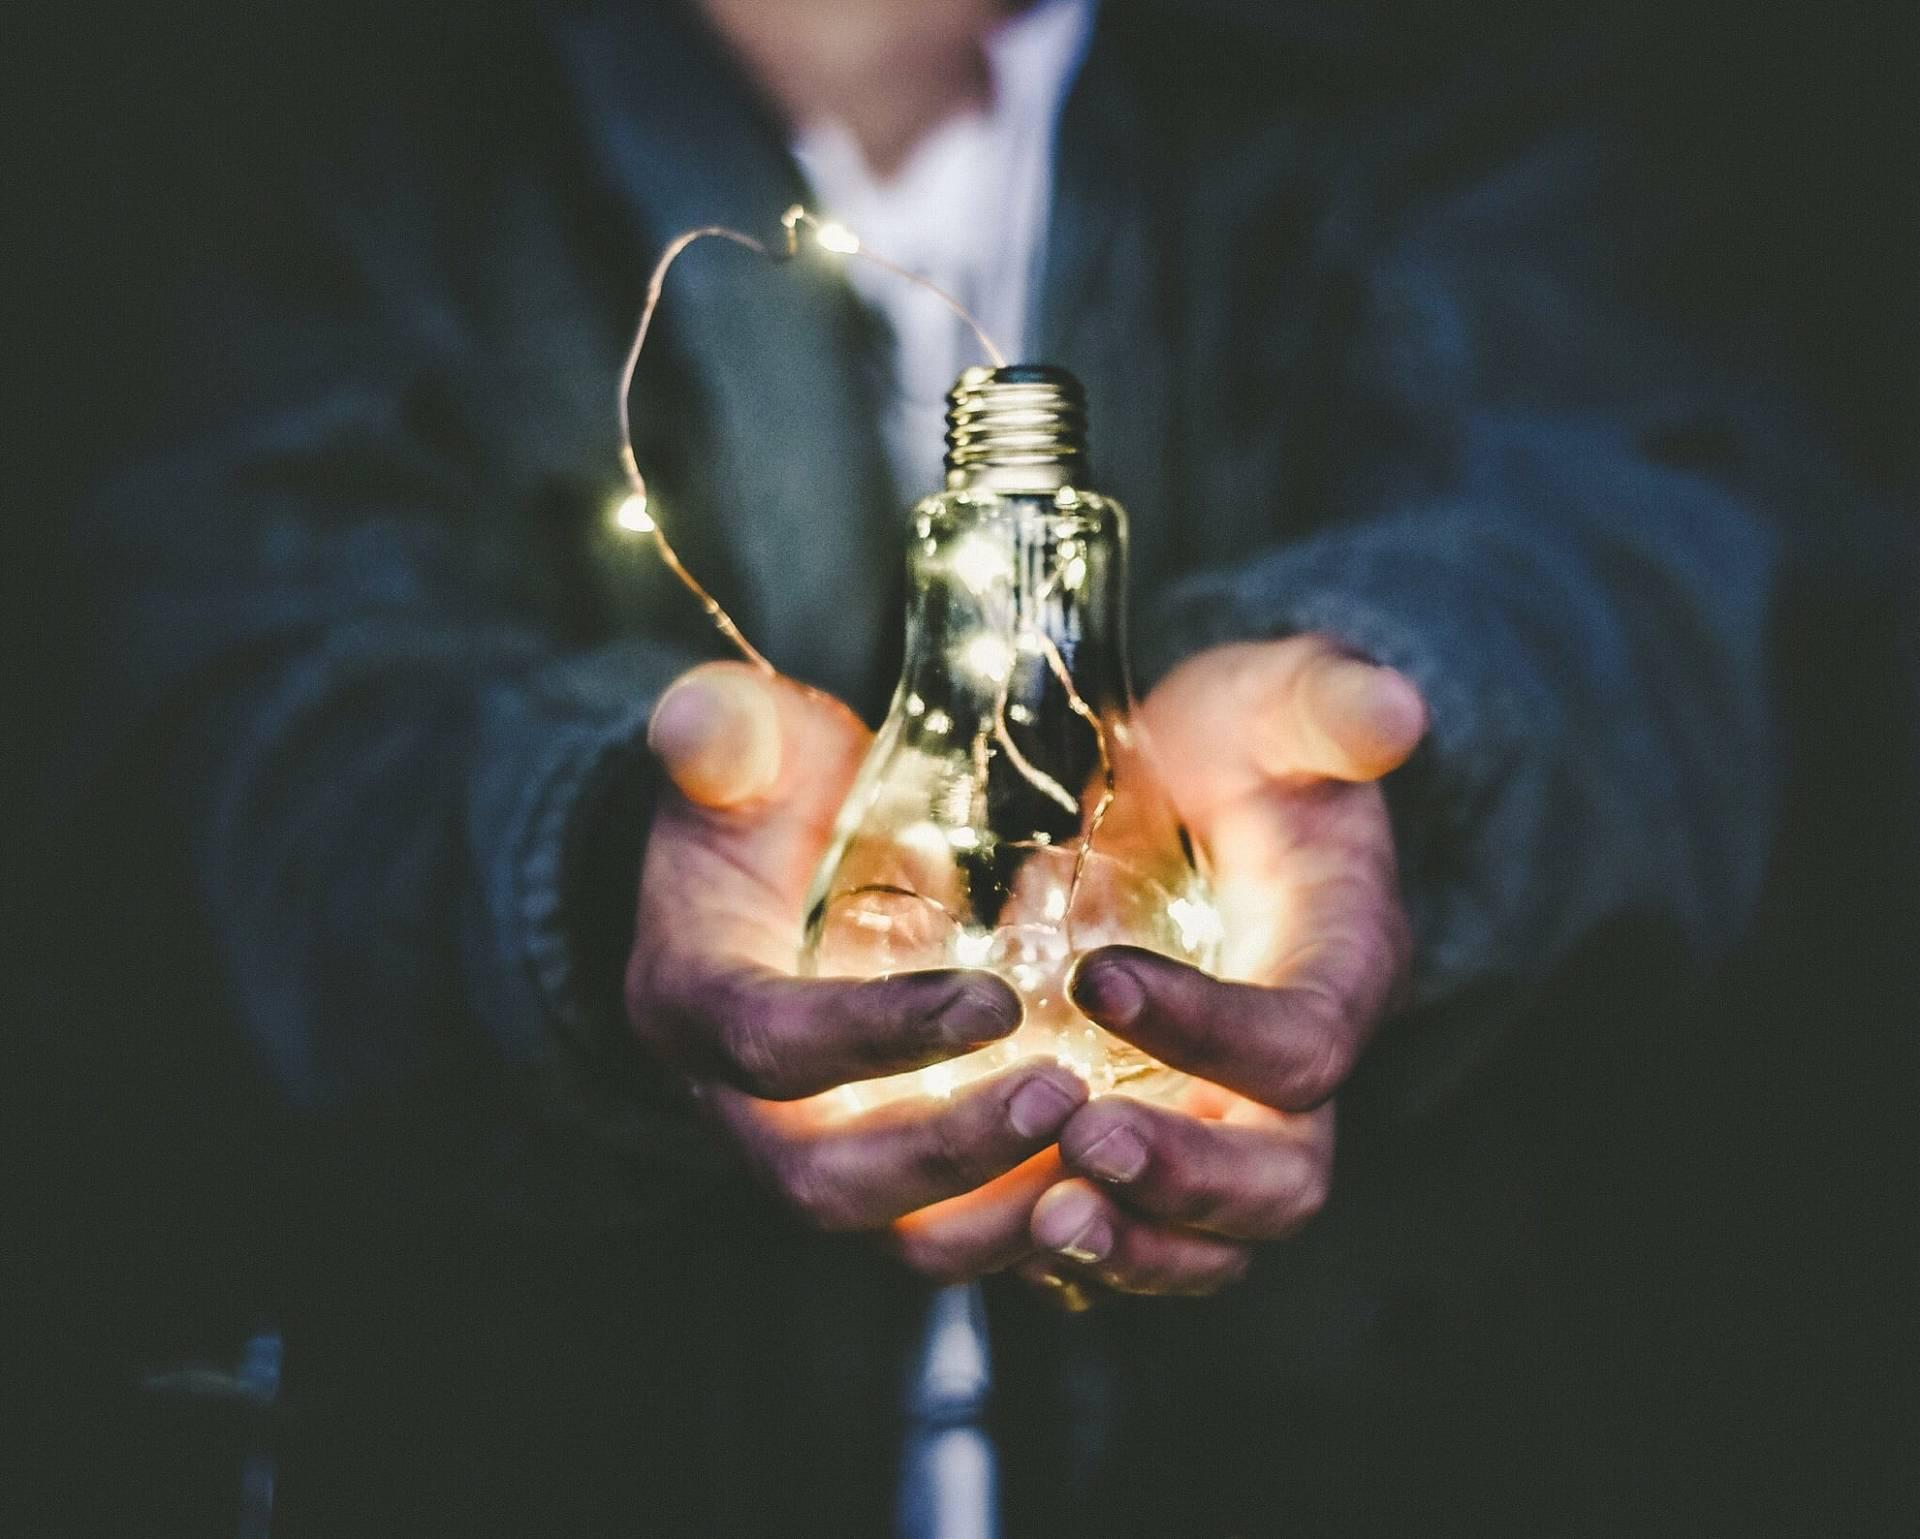 Mann hält leichtende Glühbirne in der Hand